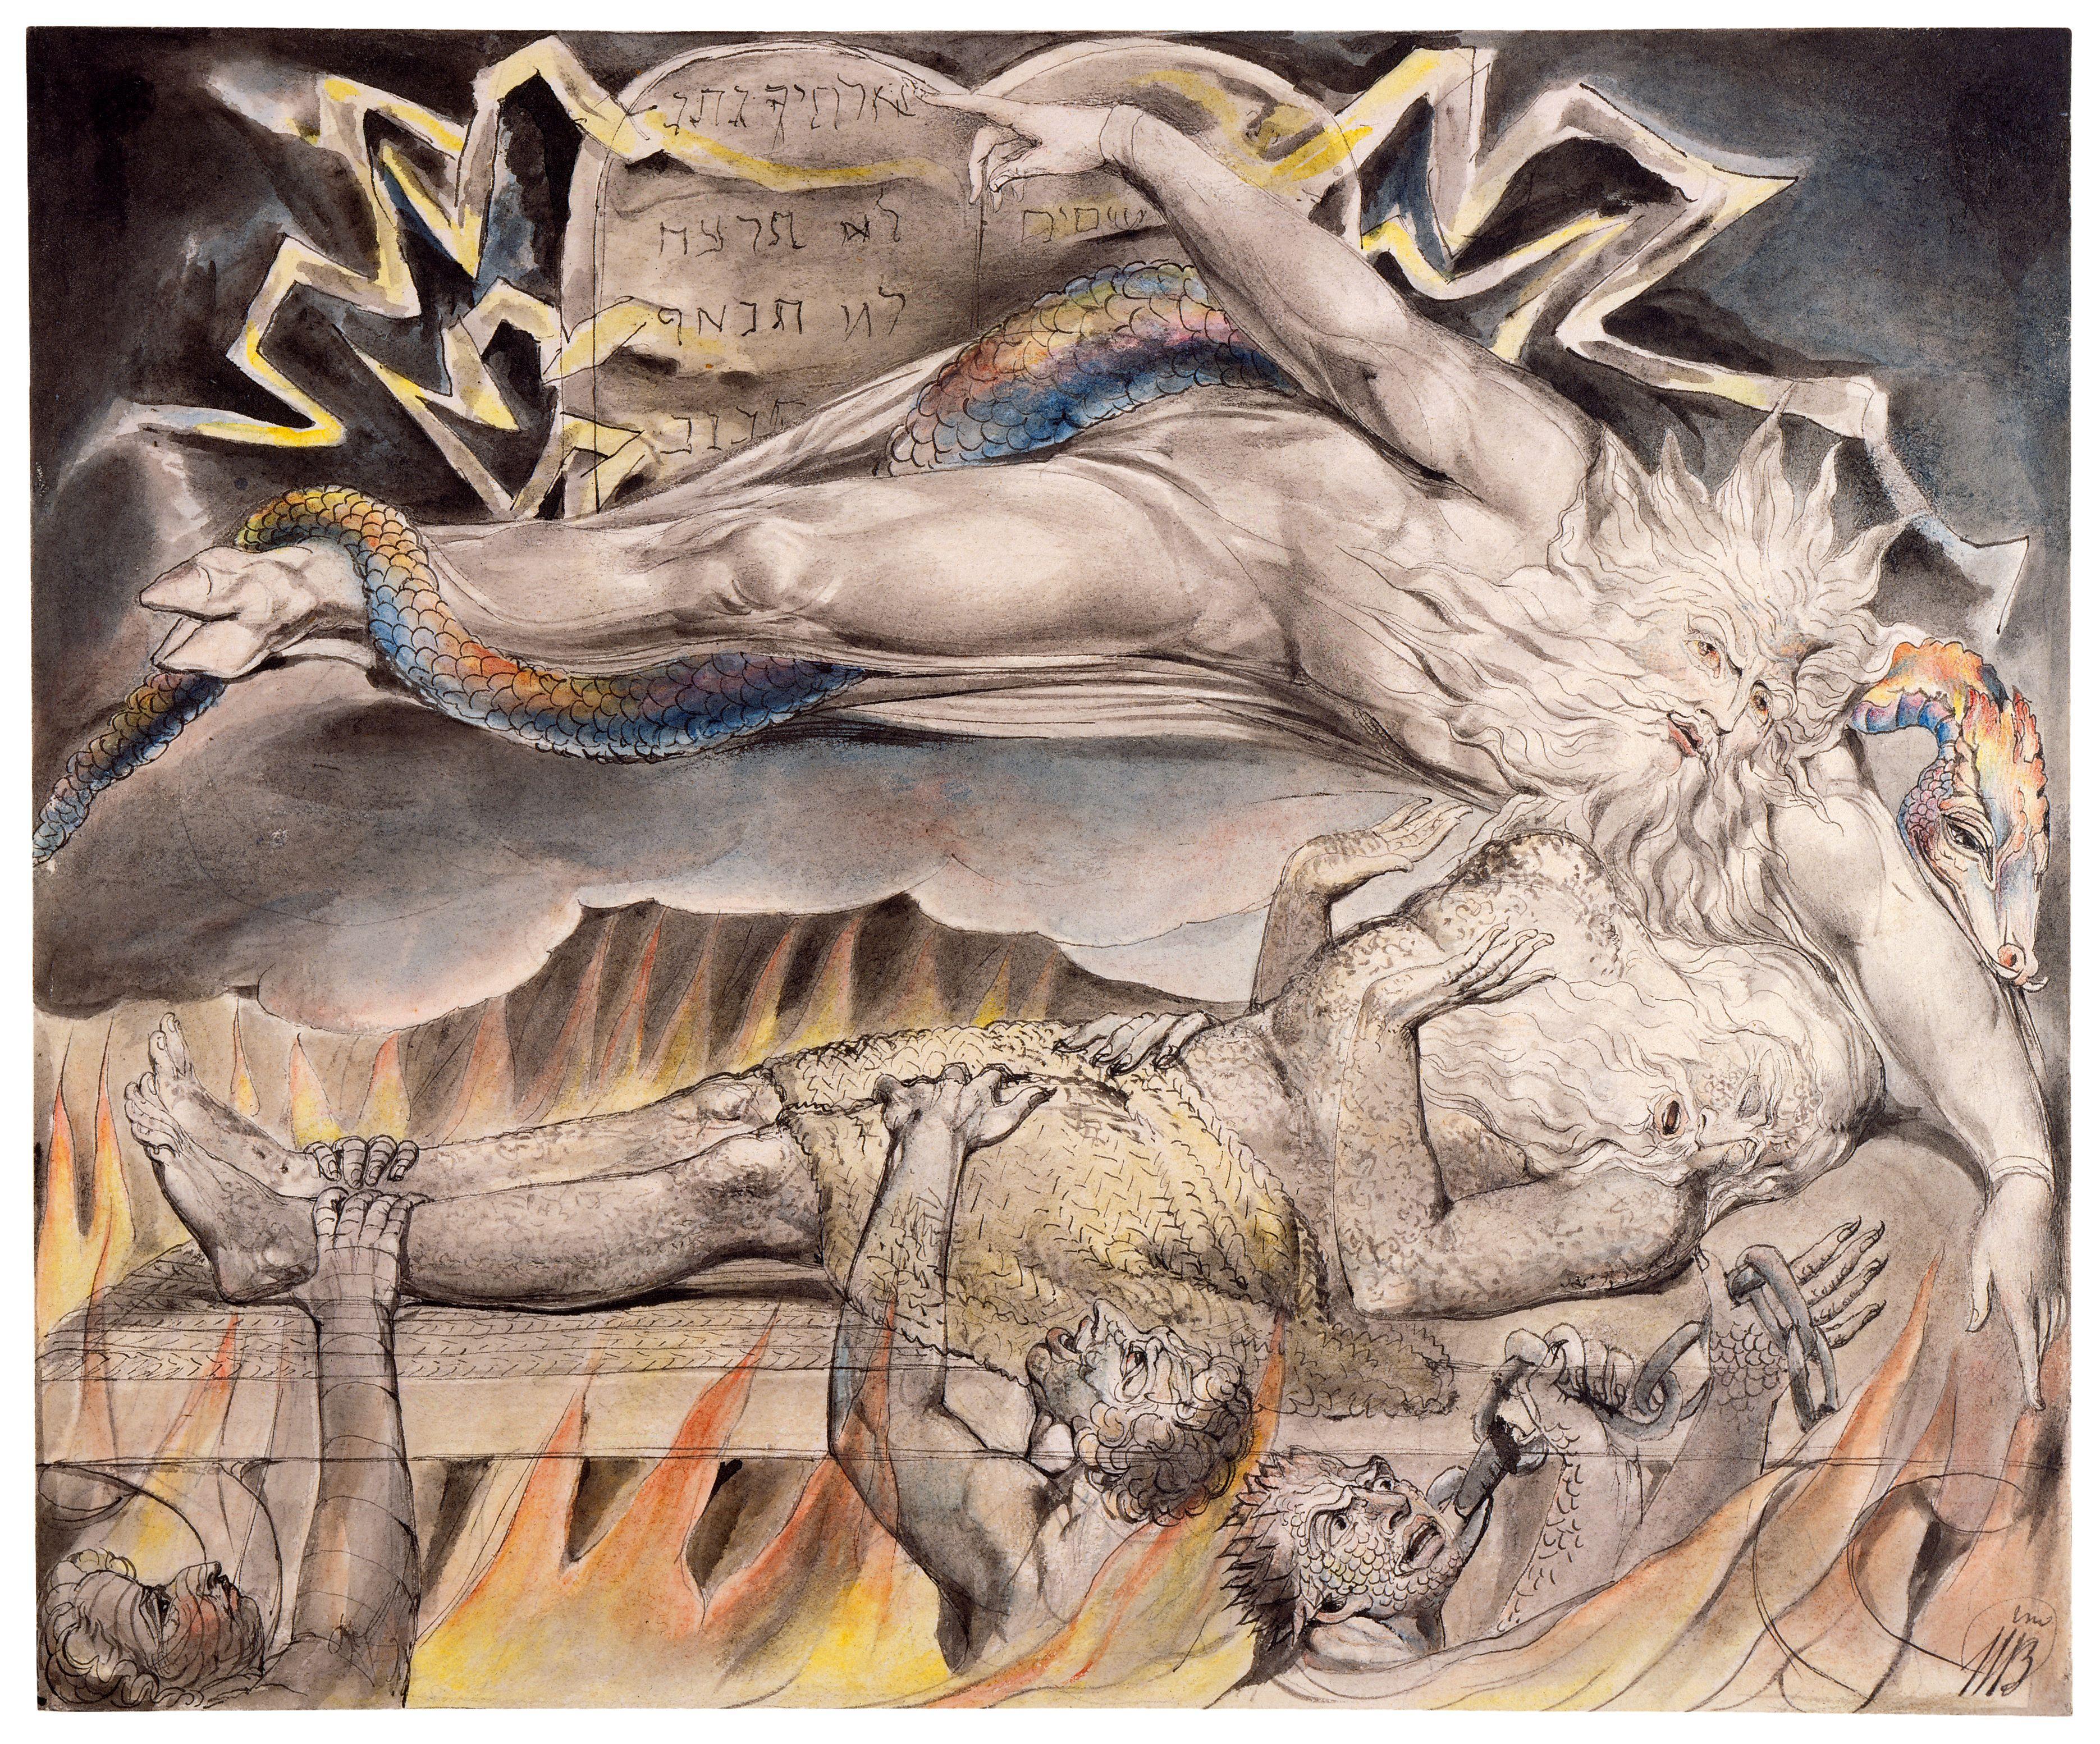 上图:英国诗人、画家威廉·布莱克(William Blake,1757-1827年)的版画《约伯的噩梦 Job's Evil Dreams》,描绘「你就用梦惊骇我,用异象恐吓我」(伯七14)。